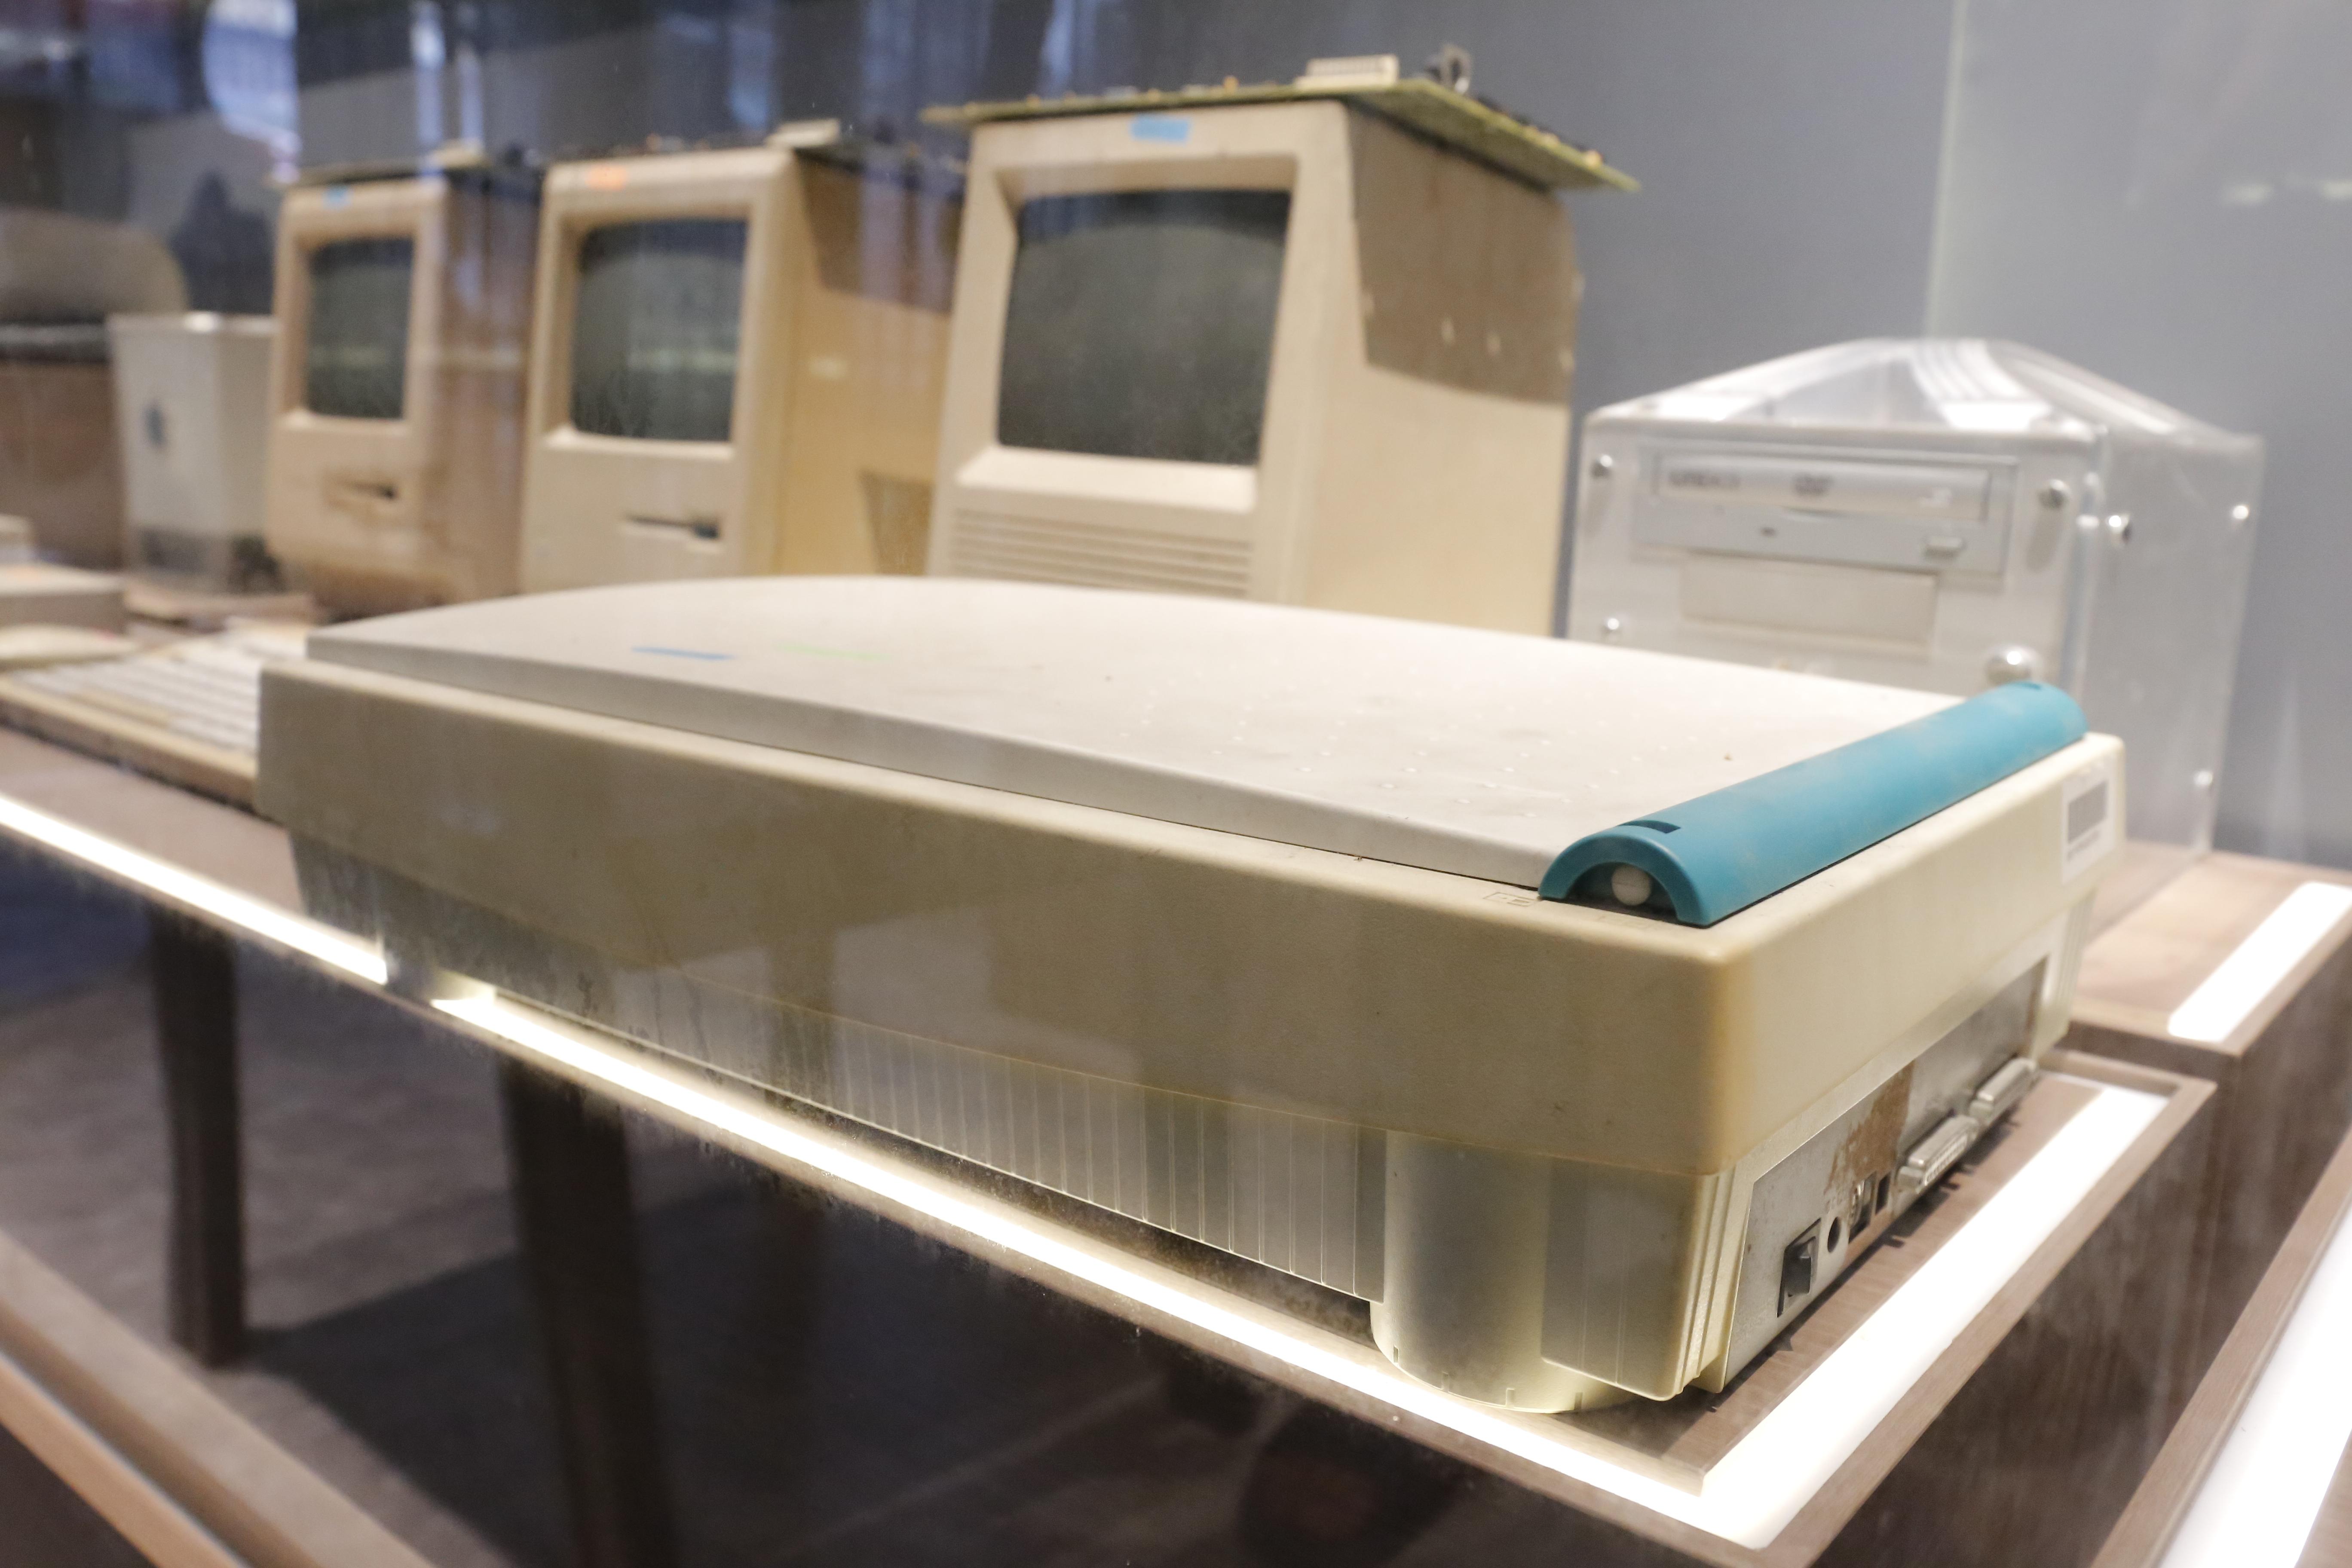 """Máy Scanner phẳng được dùng trong chế bản điện tử (desktop publishing). Máy sẽ quét những hình ảnh, phim vào để xử lý, sau đó mới in các sản phẩm. Đây là những thiết bị gắn với công trình mà nhóm TS. Công làm việc cùng báo Nhân Dân, mà đã góp phần """"thay đổi toàn bộ nền in ấn Việt Nam khi đưa những thiết bị này vào"""". Với nền in ấn hiện đại gọi là desktop publishing hay là electronic publishing, biên tập viên, nhà báo hiện nay hoàn toàn có thể làm việc từ xa mà không cần phải đến tòa soạn."""